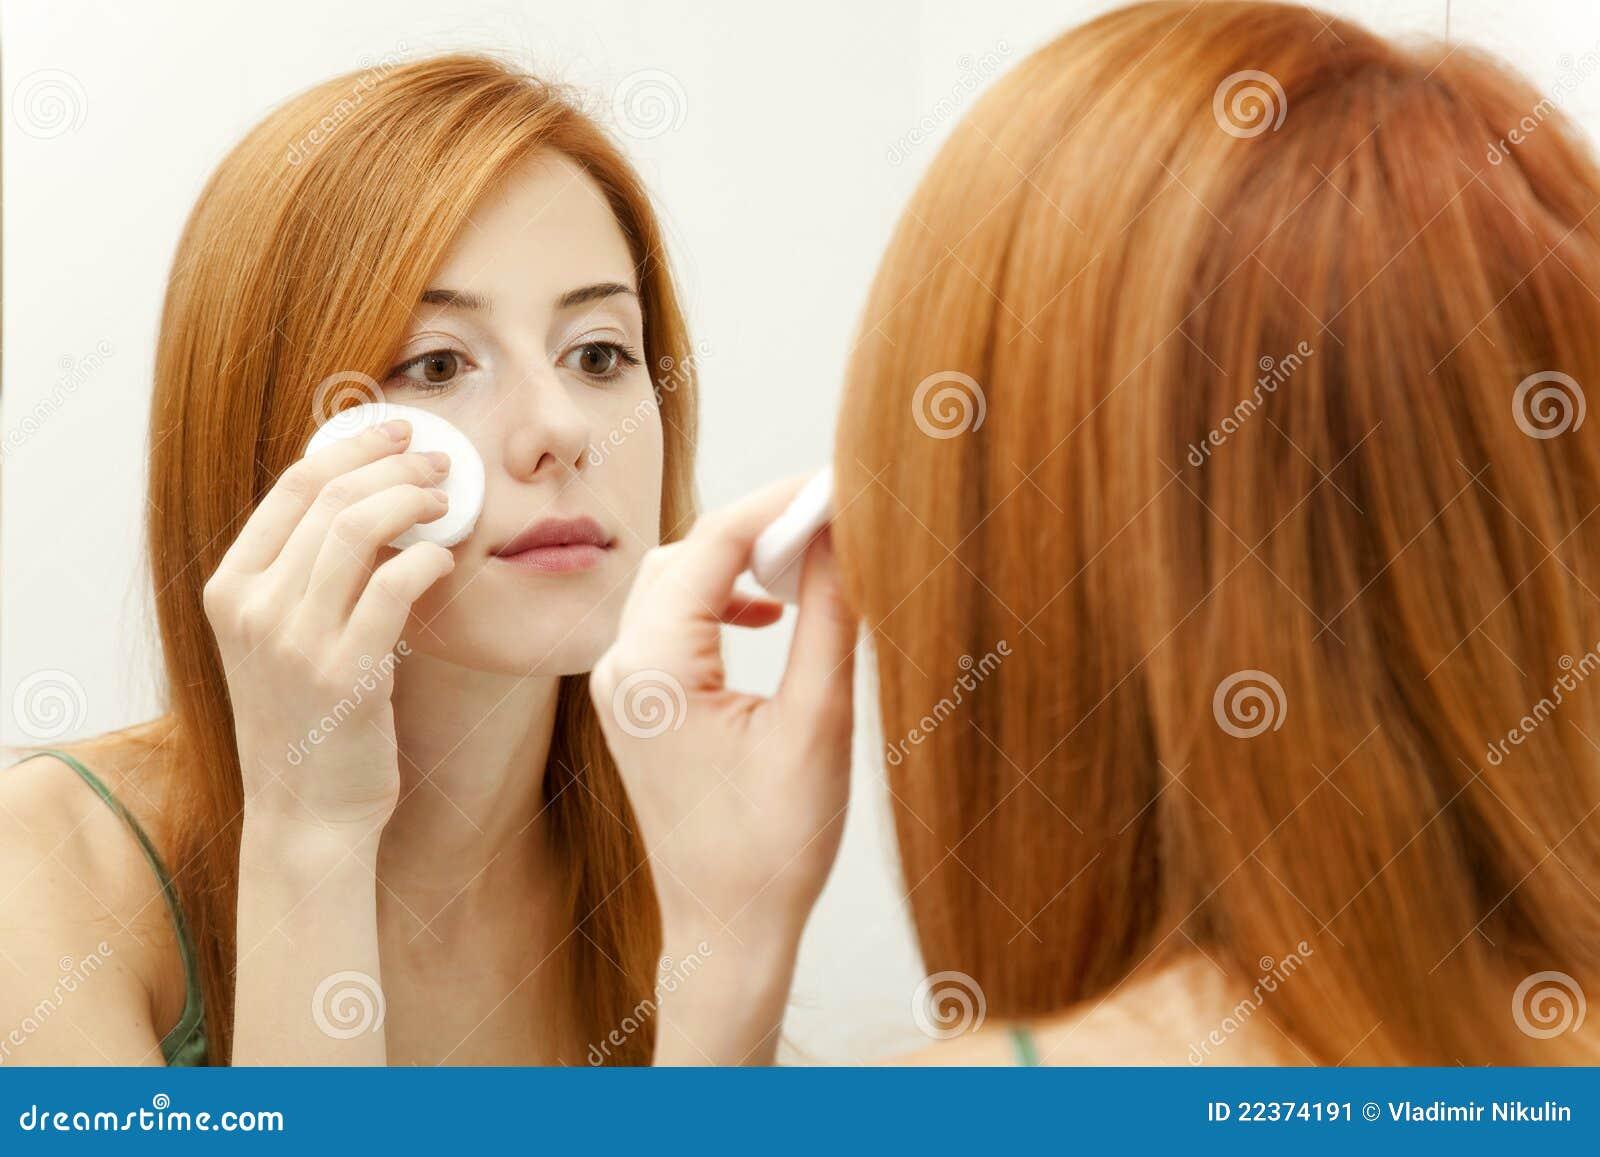 Femme dans la salle de bains image stock image 22374191 for Comfemme nue dans la salle de bain